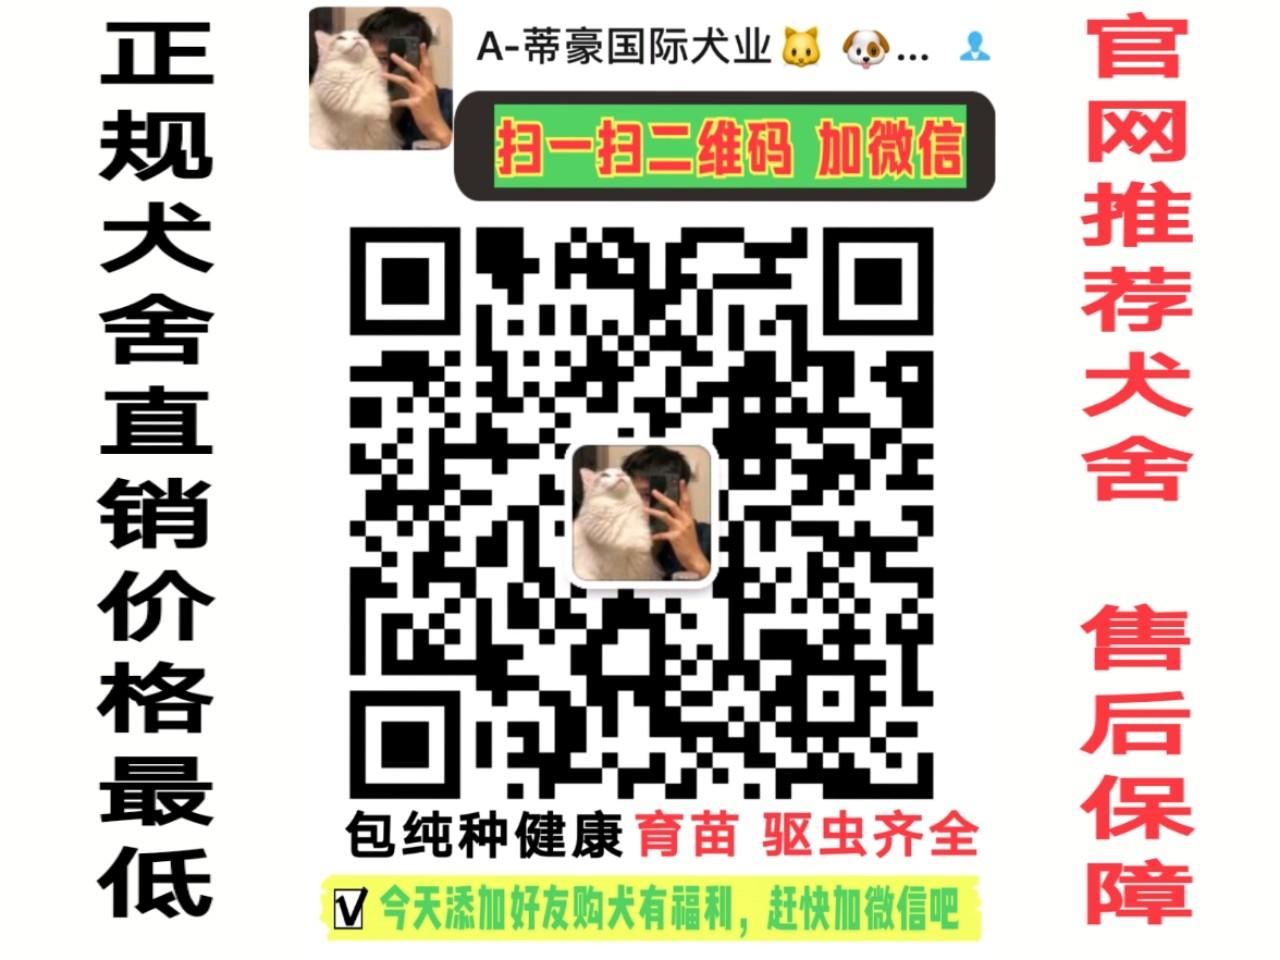 重庆纯种泰迪熊幼犬热售中 签协议送用品可送货上门5